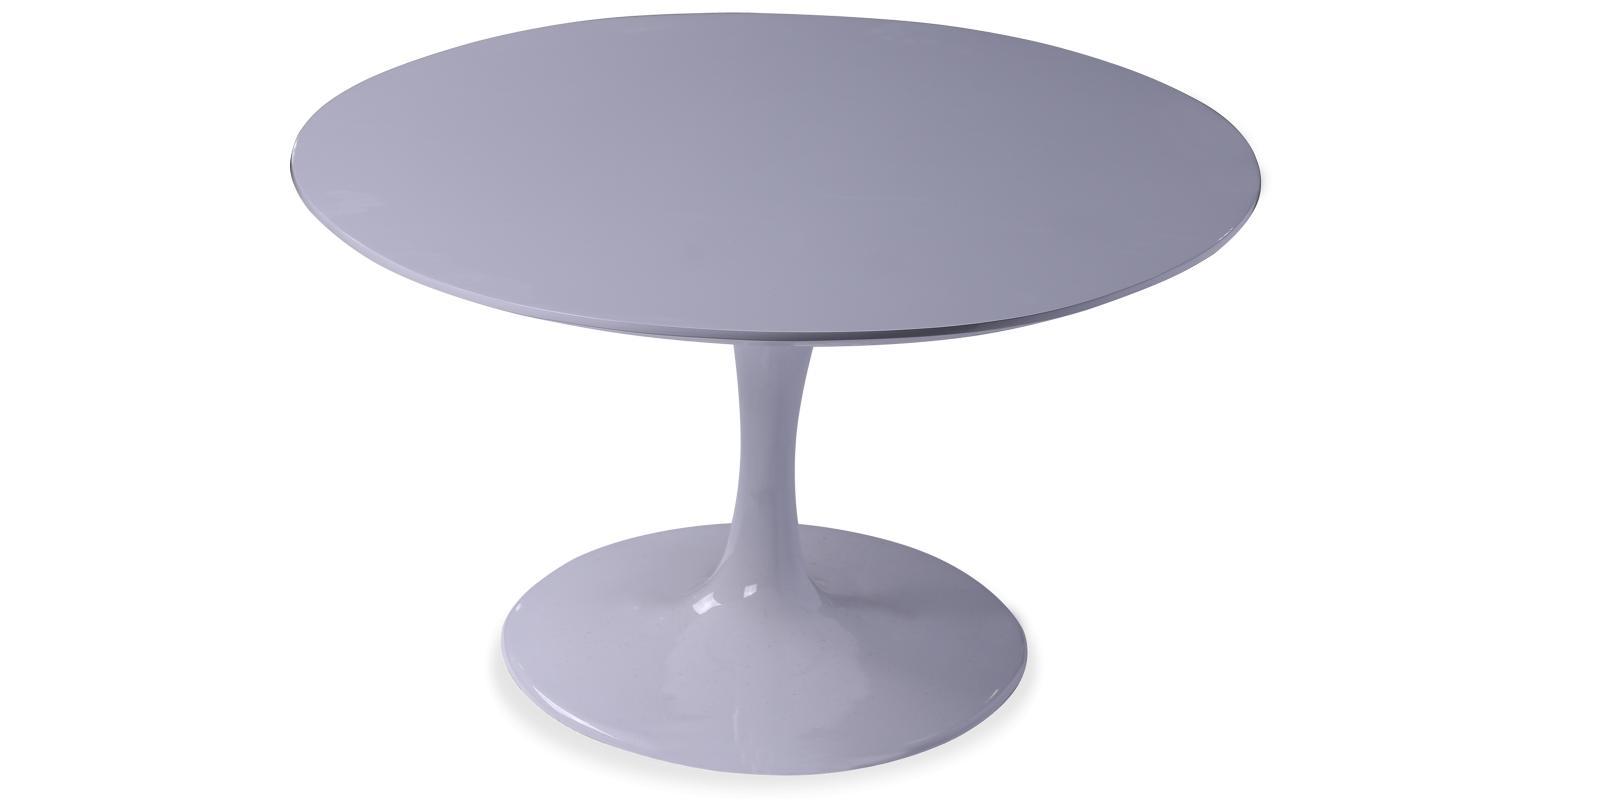 Tavolo Saarinen Usato : Usato tavolo replica oval tulip eero saarinen in udine su